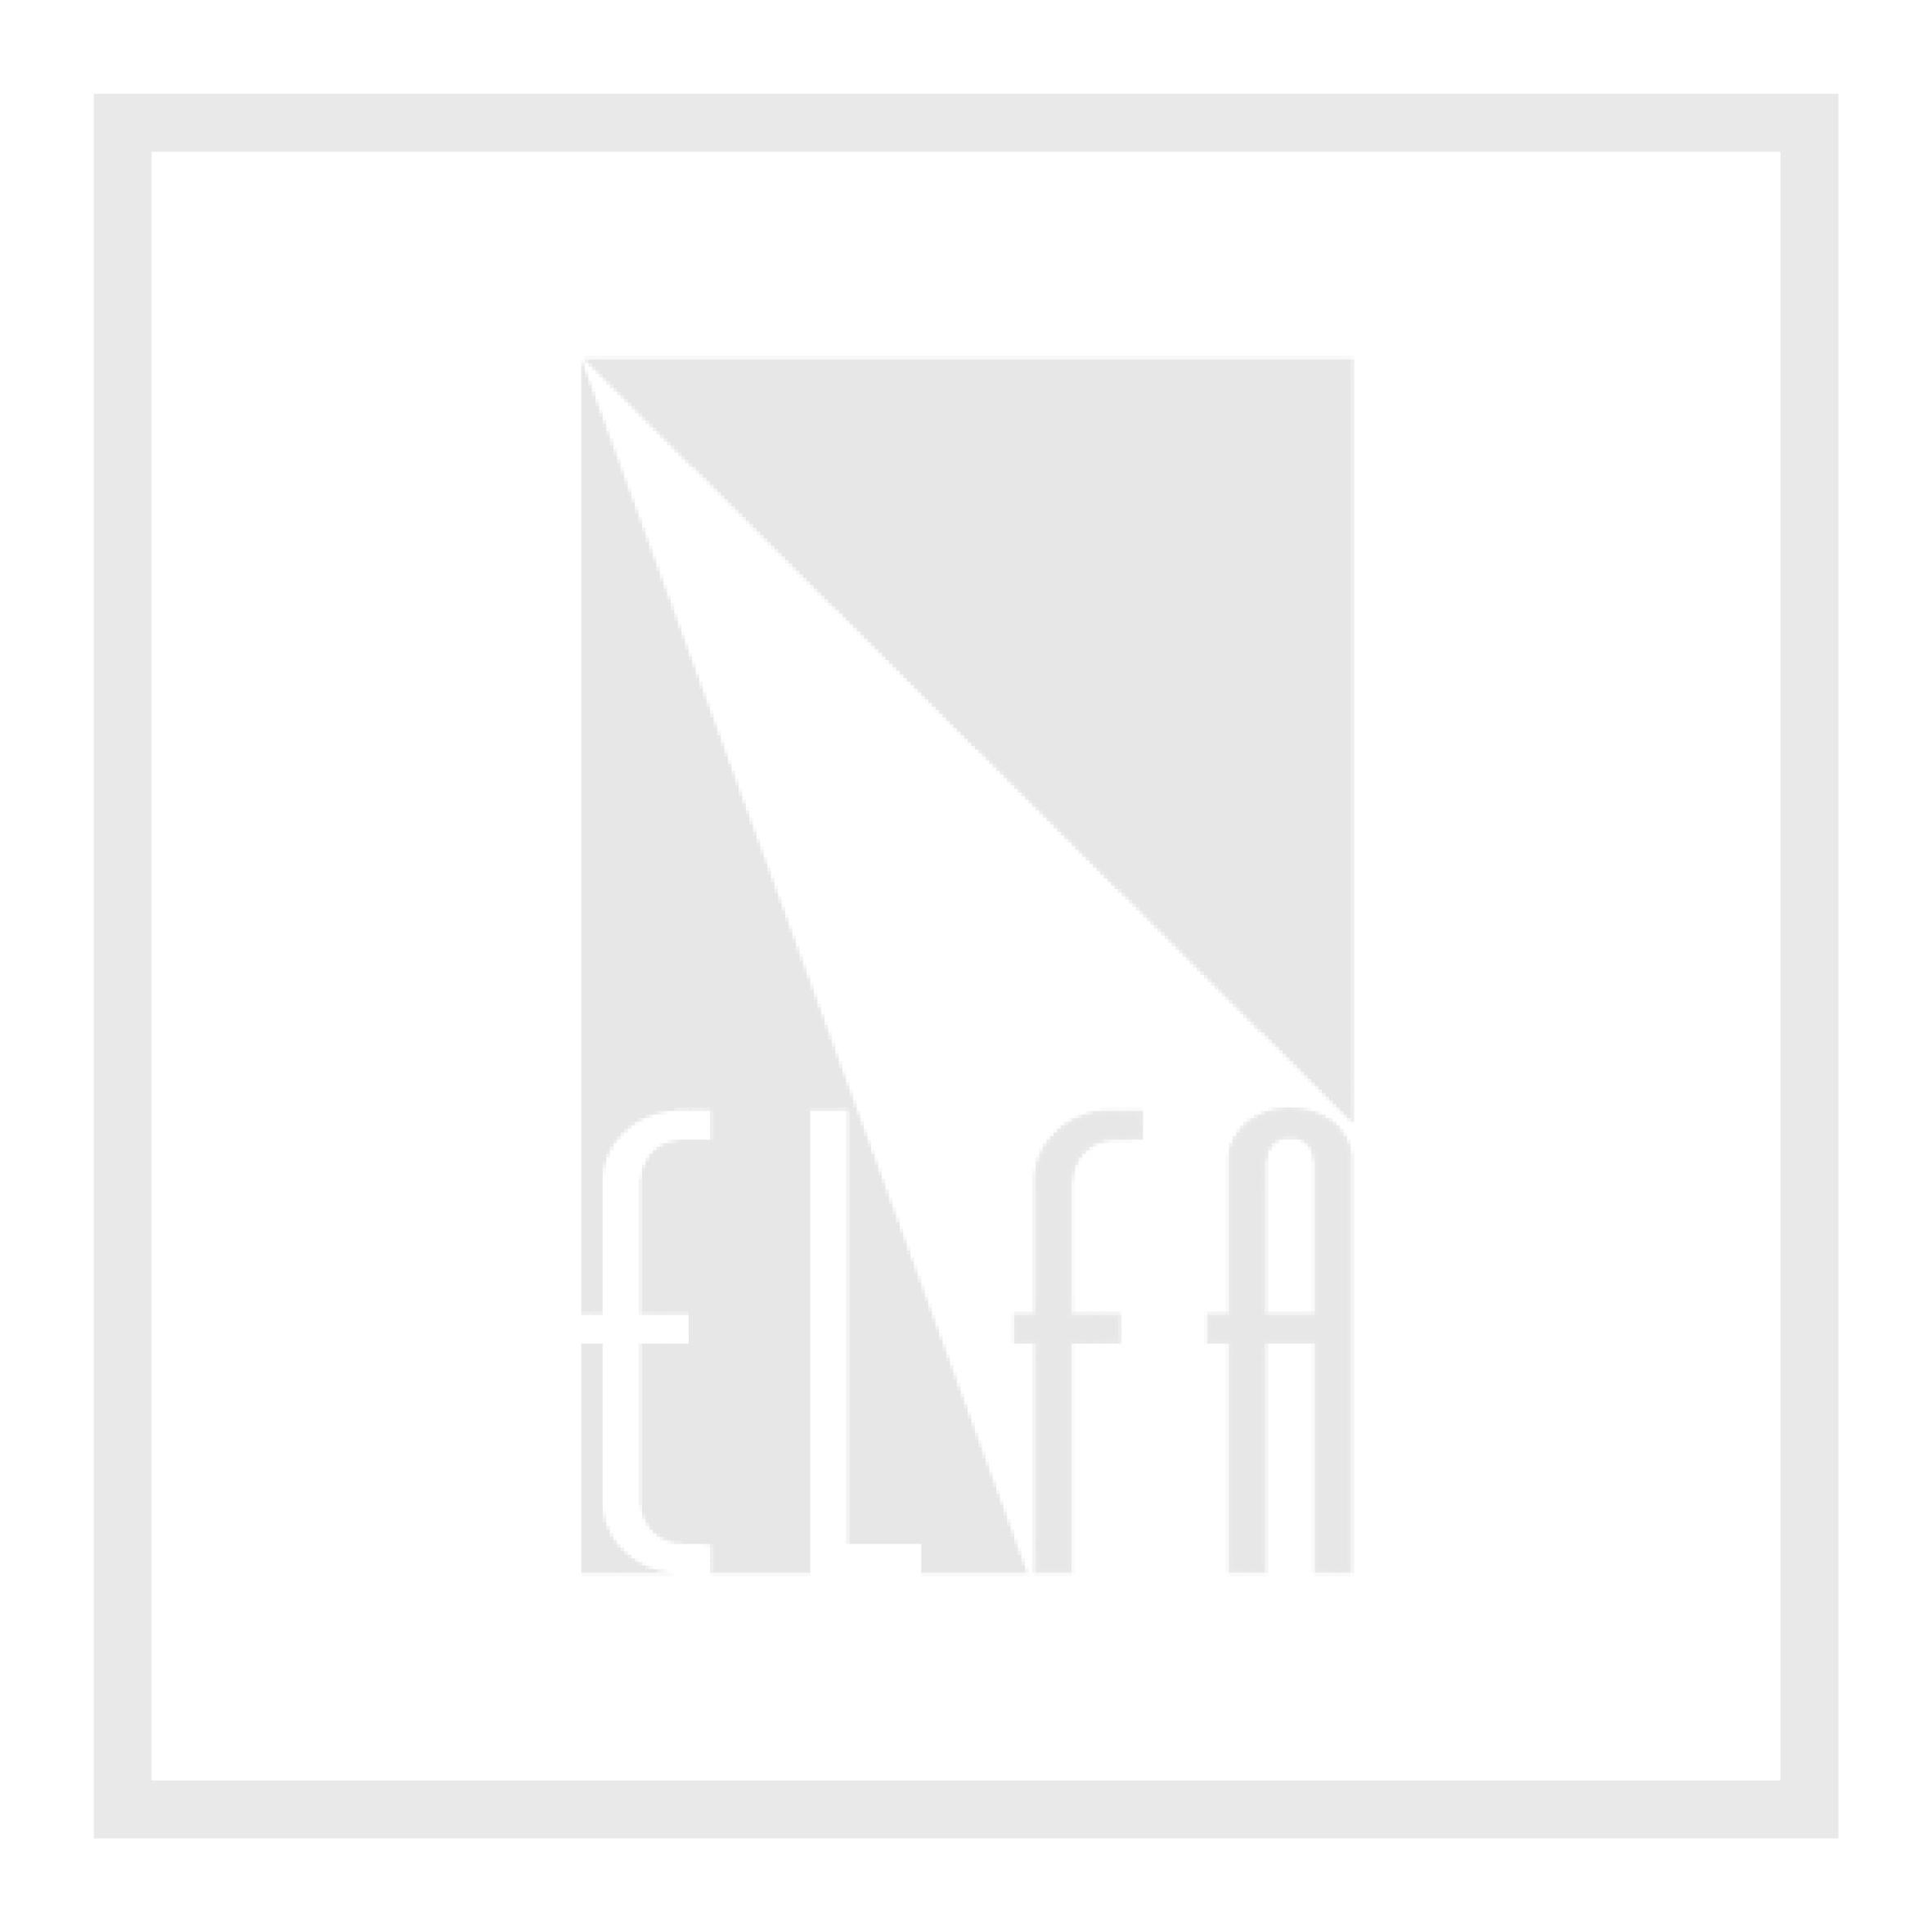 Petzl Universeel PIXA ADAPT plaatje